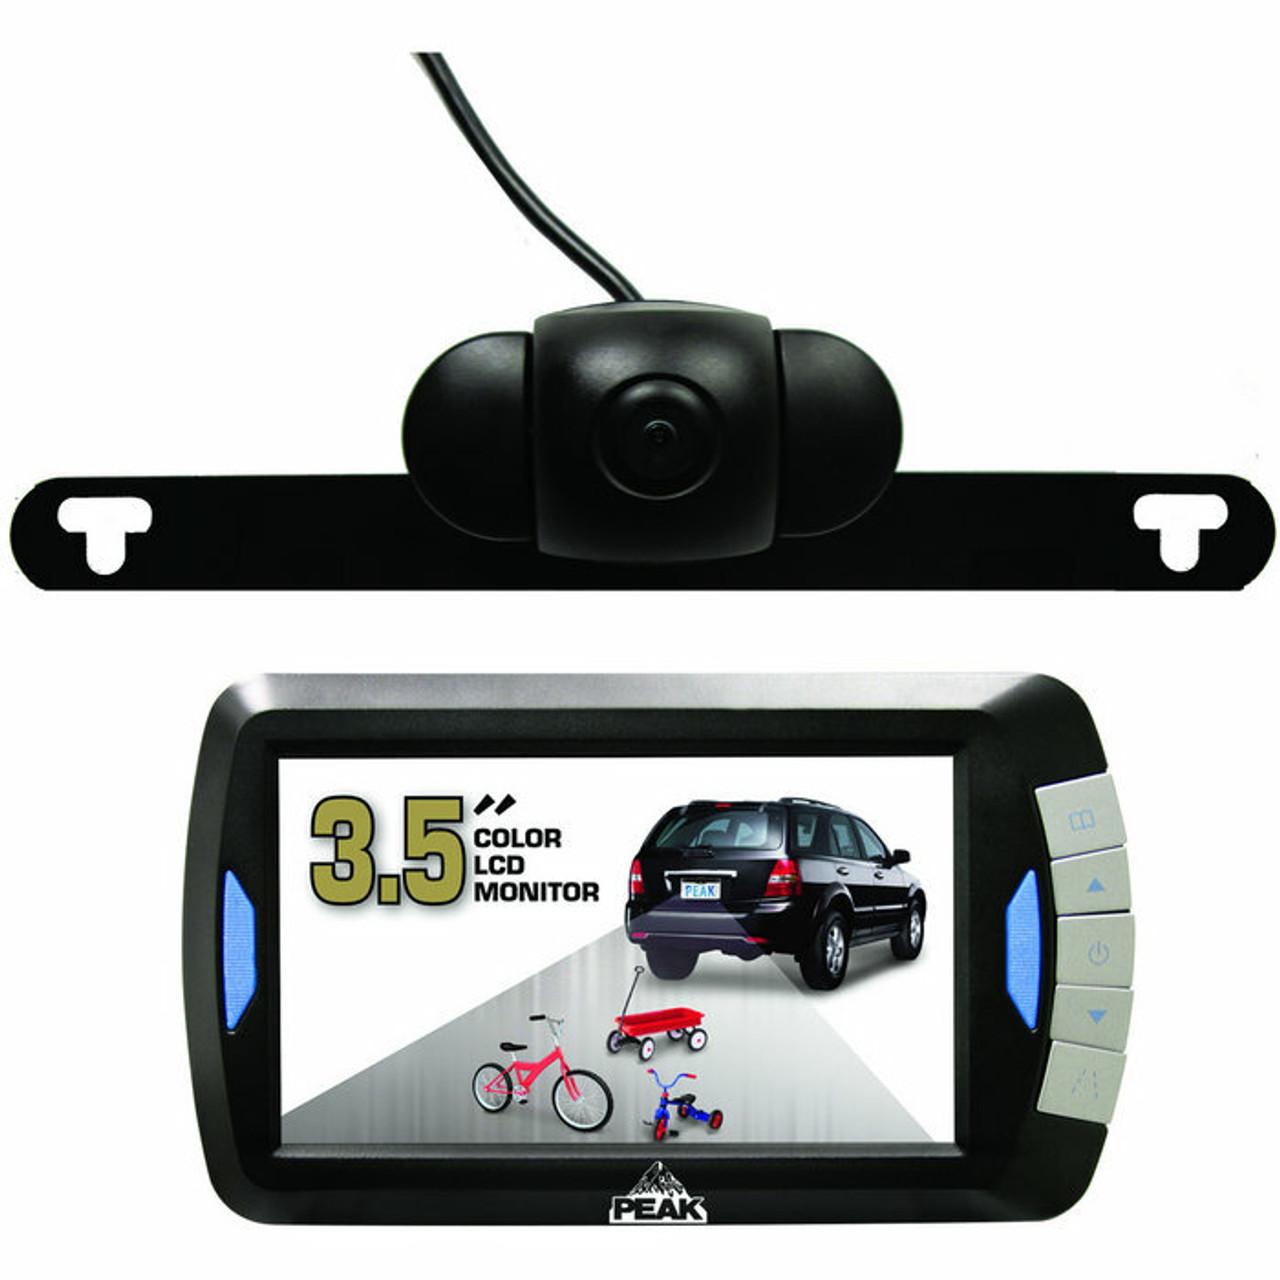 Skid Steer Back Up Camera System